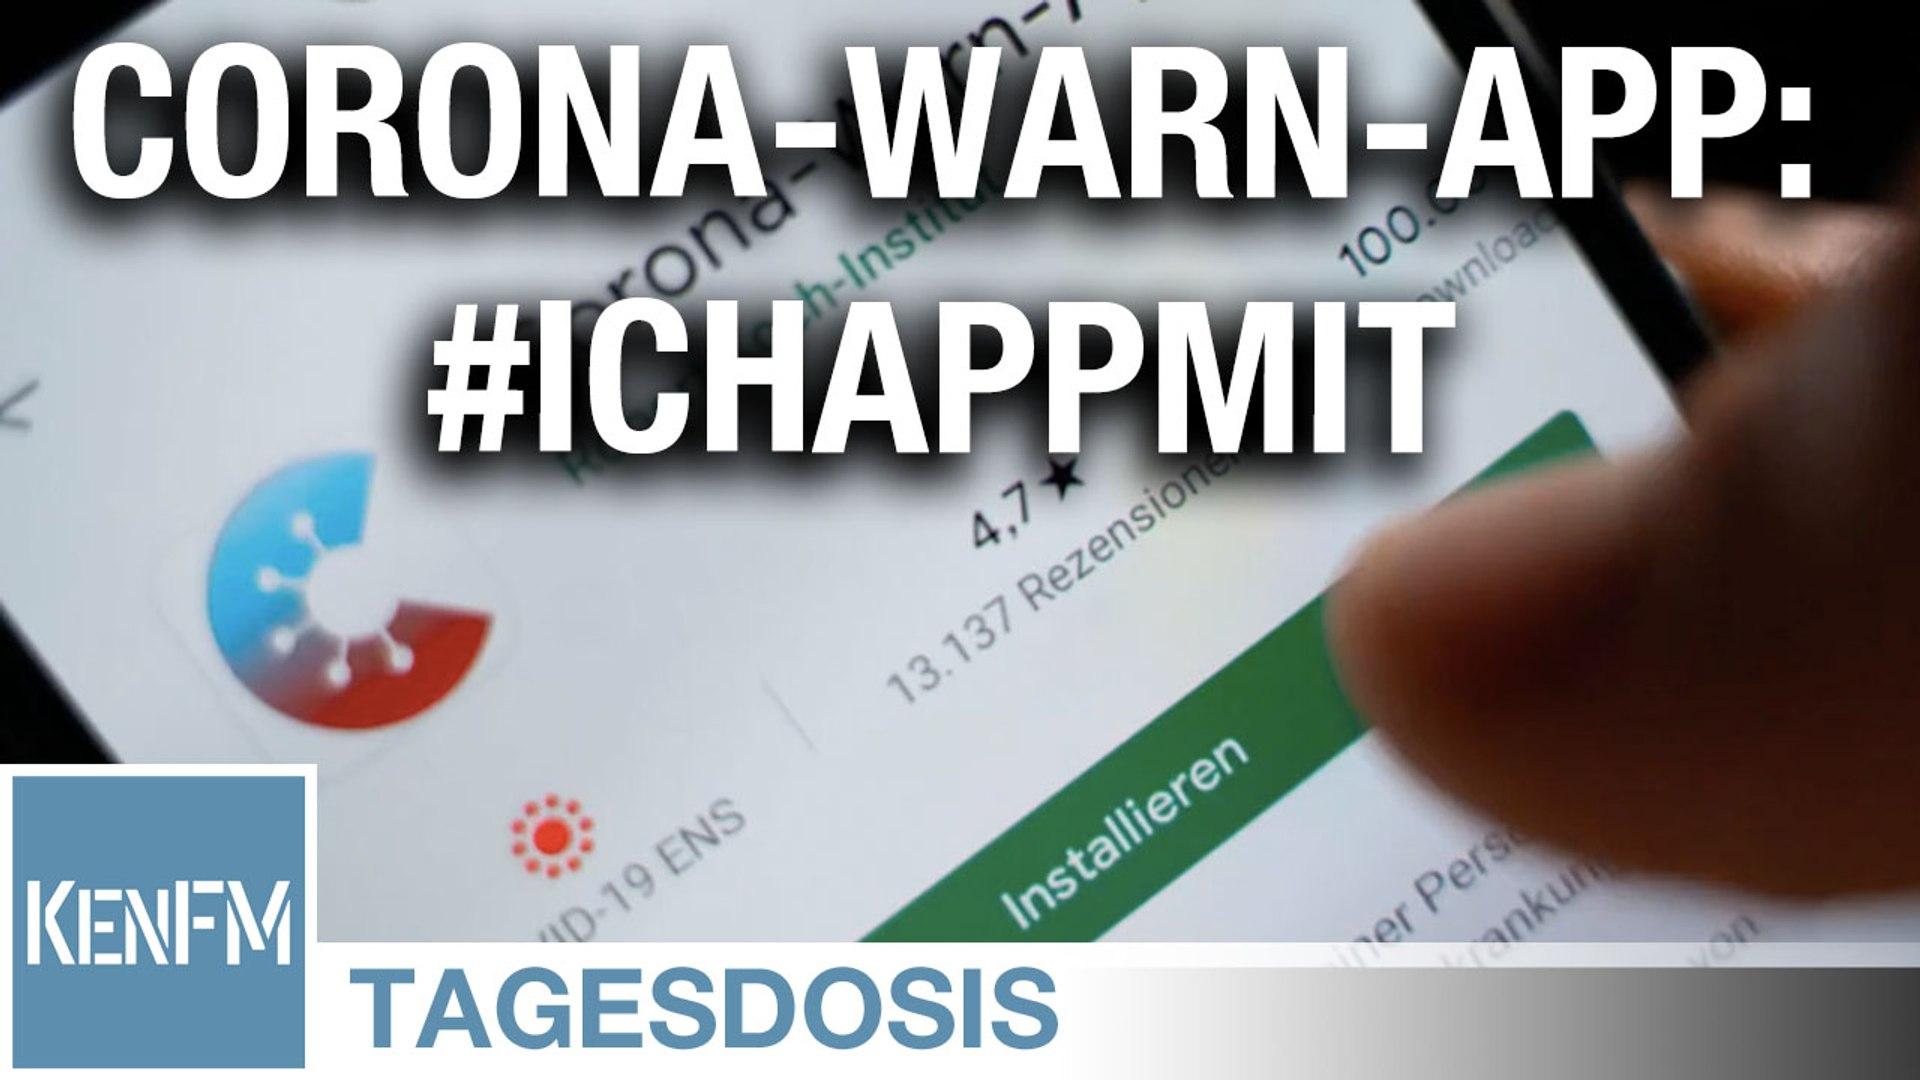 Corona-Warn-App: #IchAppMit - Neues von der Nudging Front - Tagesdosis 18.6.2020